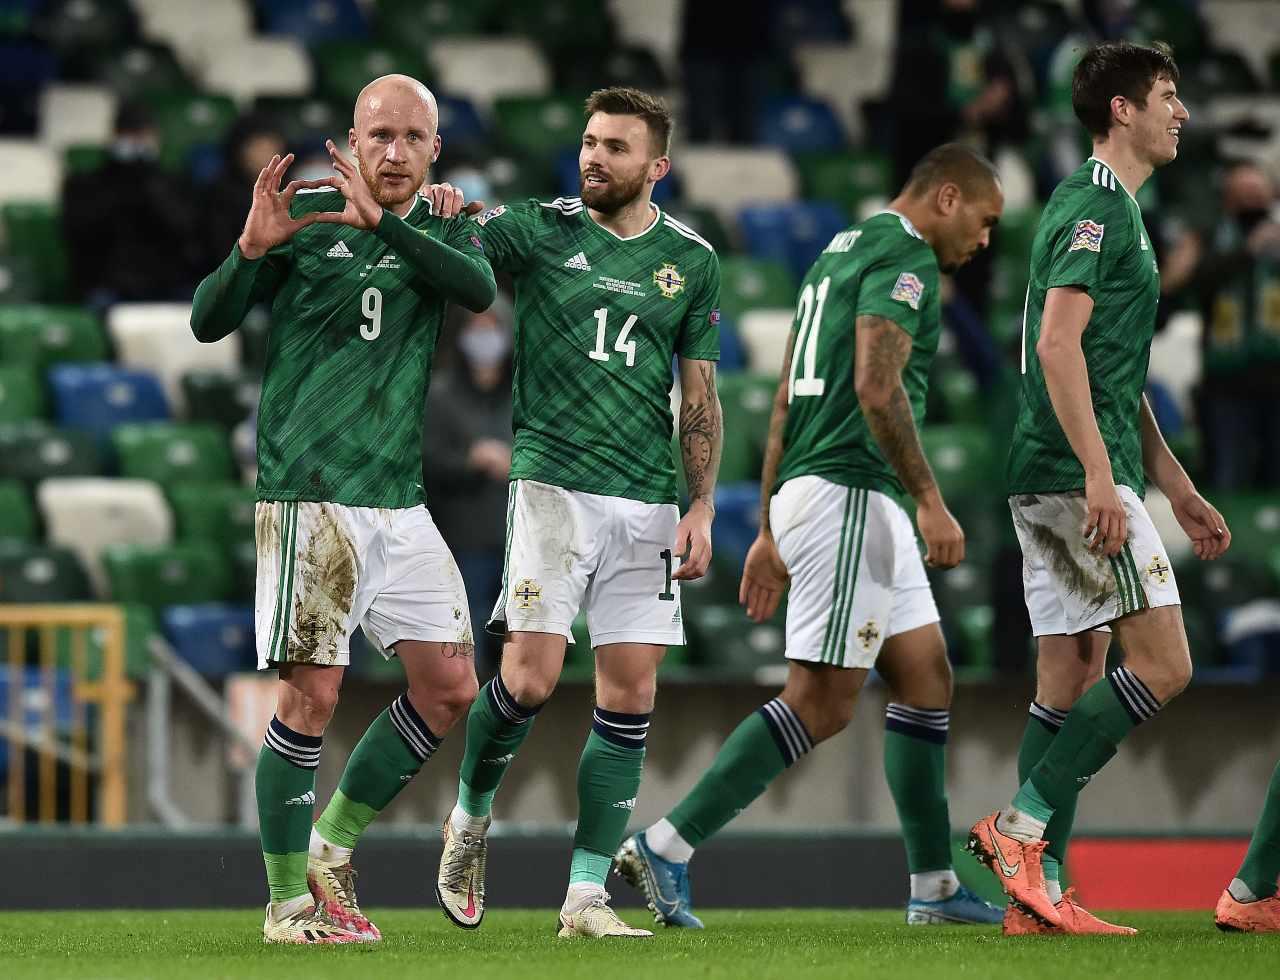 Irlanda del Nord, tutto sull'avversaria dell'Italia: precedenti, tattica, curiosità